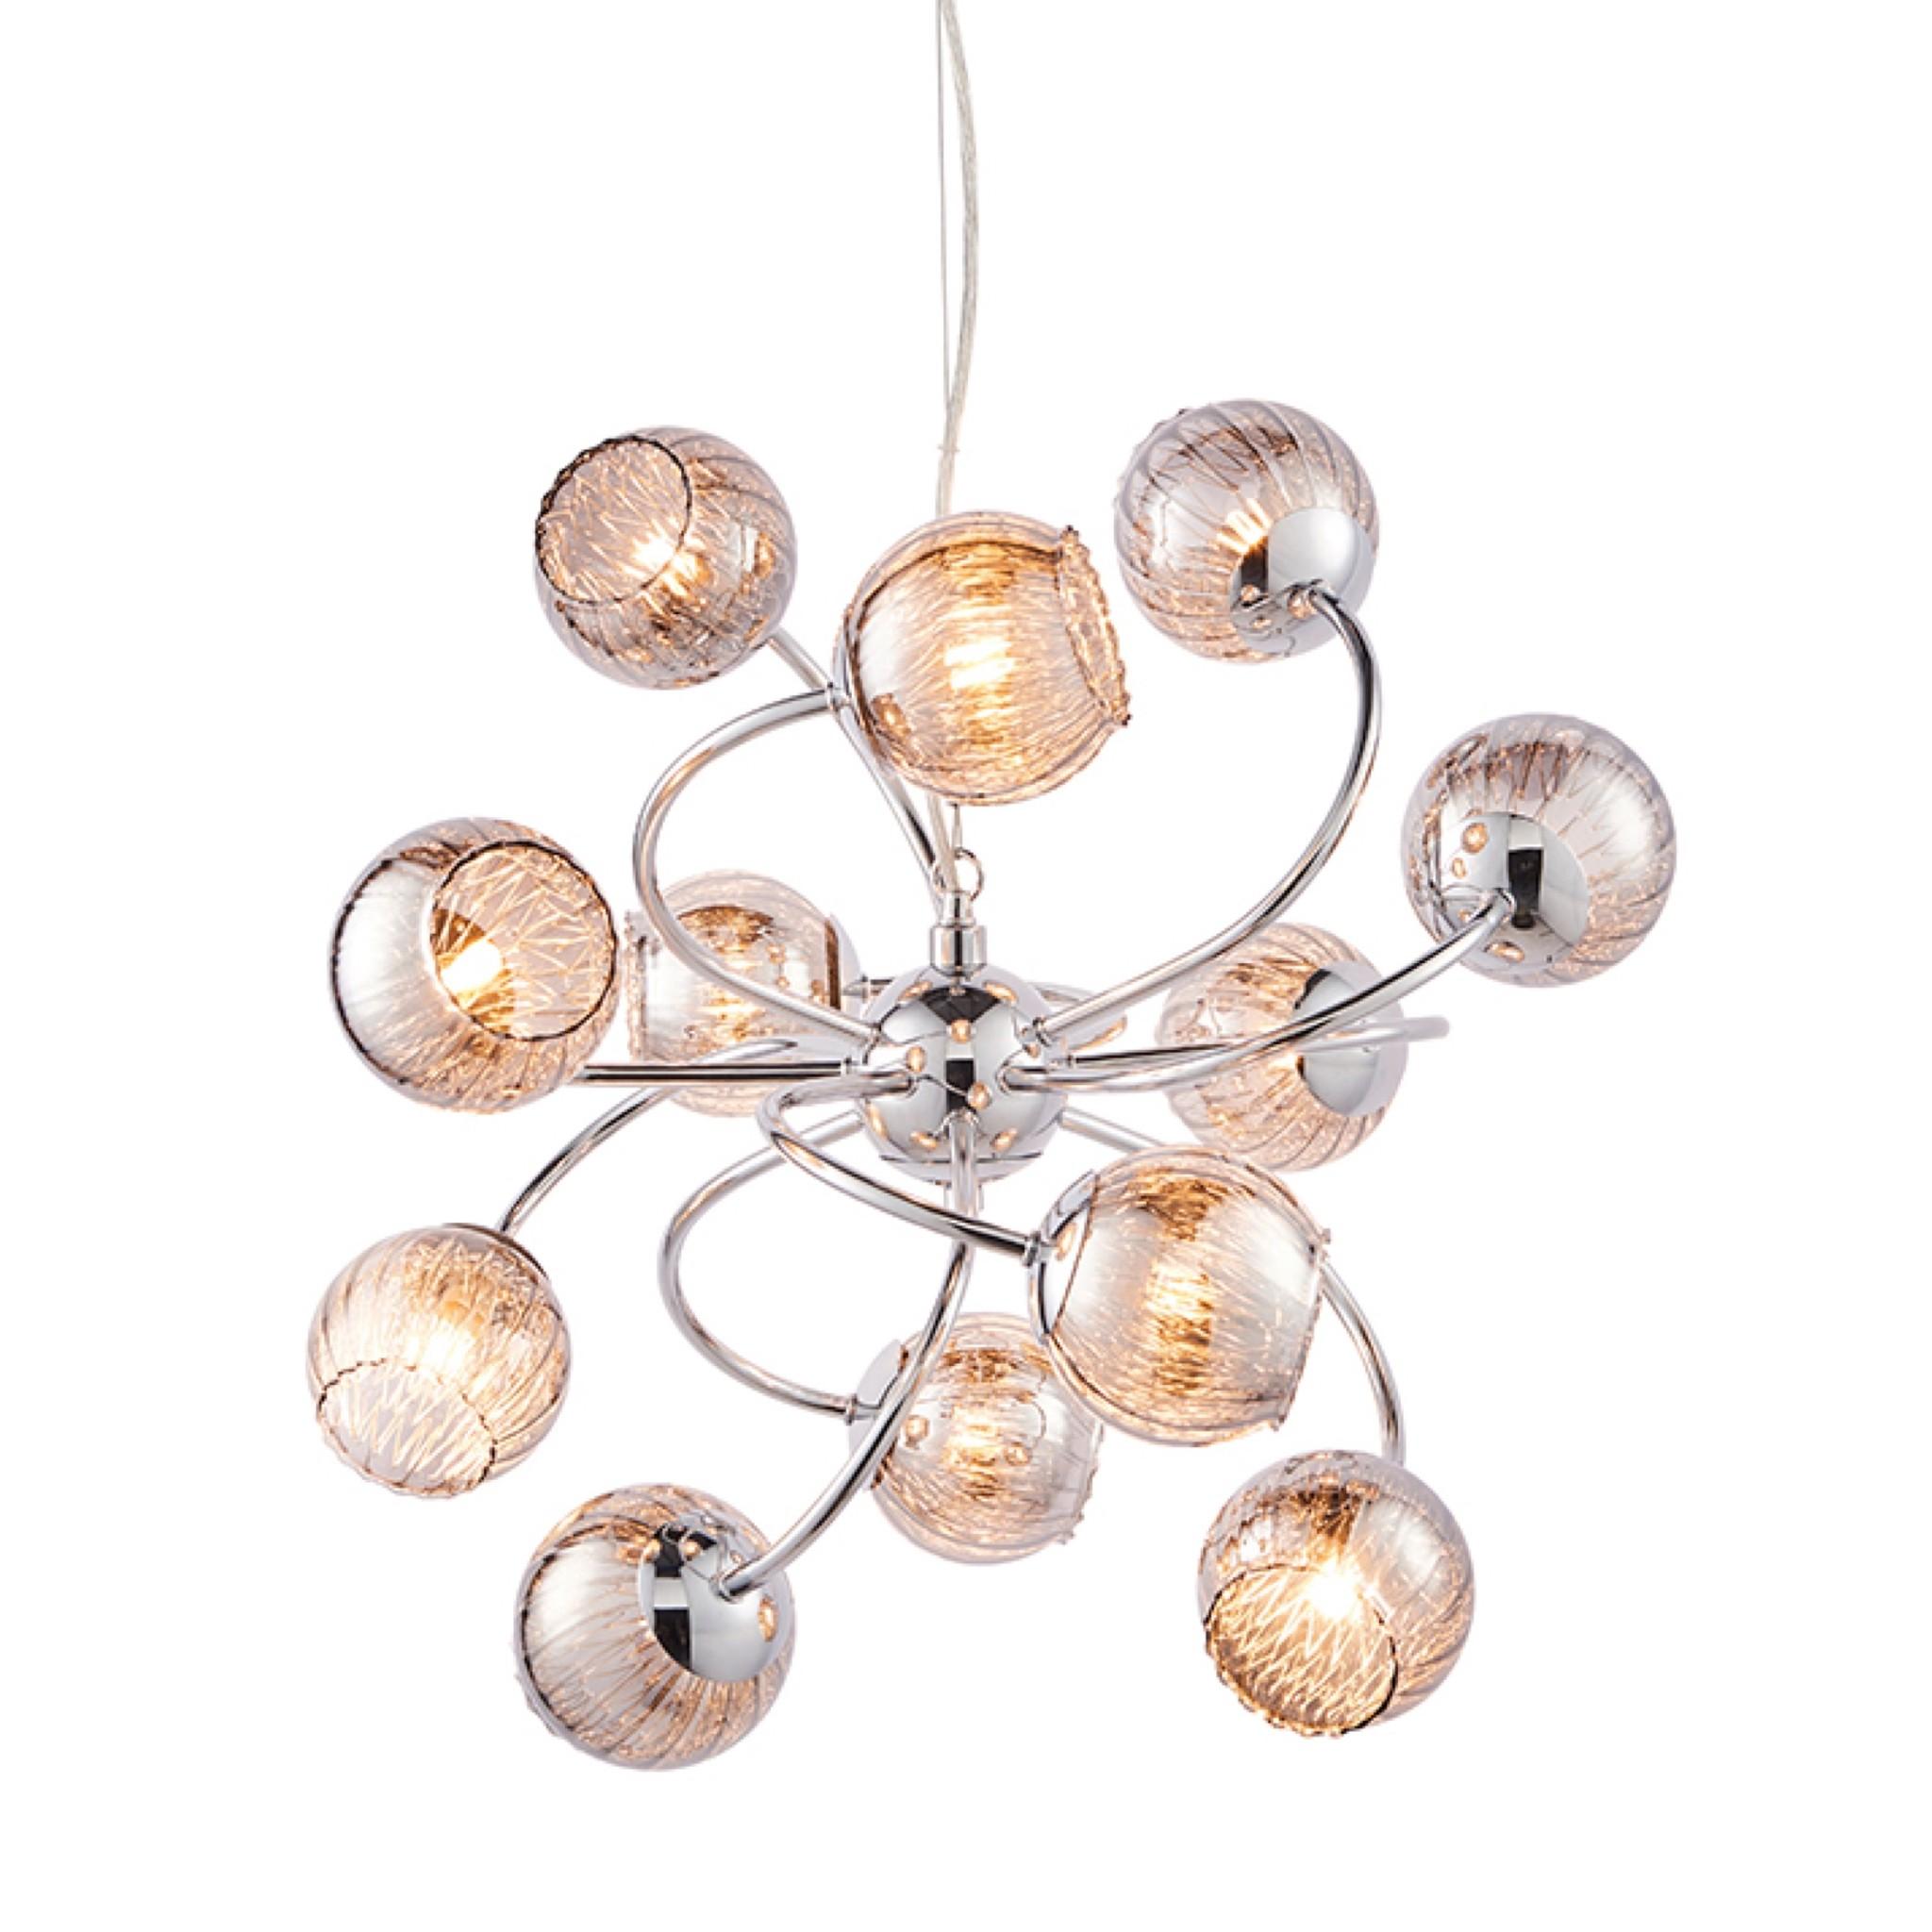 Sonny 12 Light Sputnik LED Chandelier